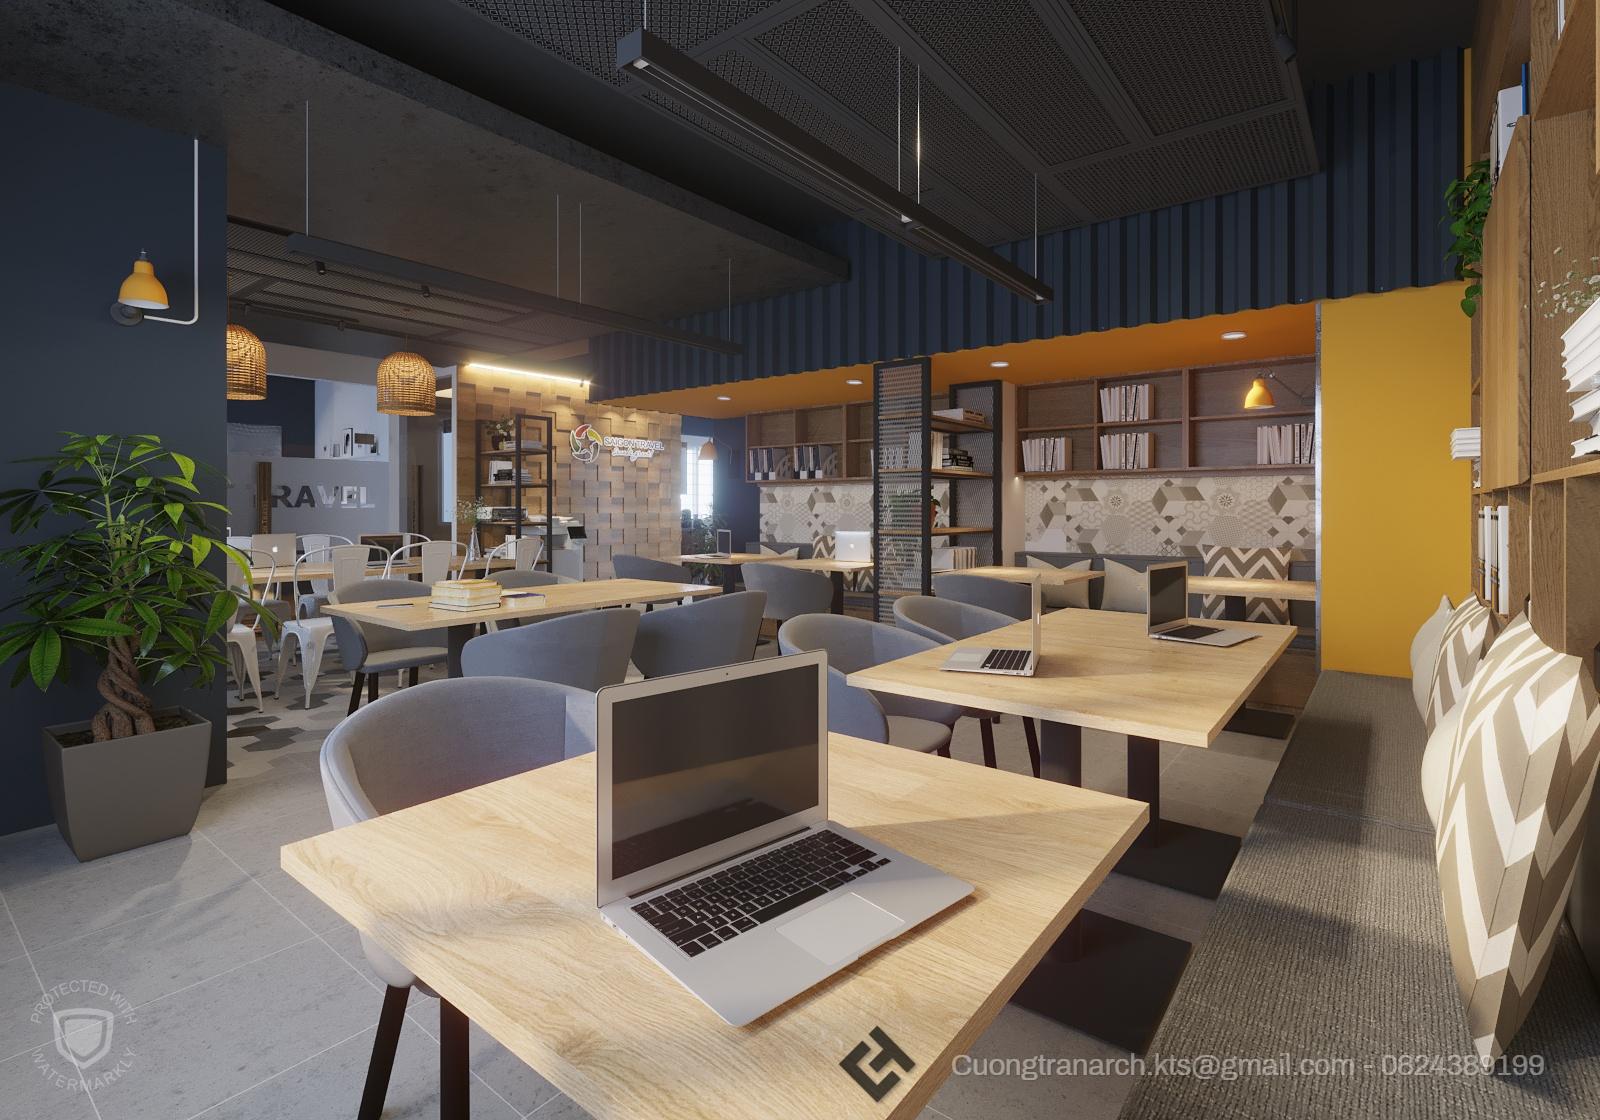 thiết kế nội thất Văn Phòng tại Hồ Chí Minh VĂN PHÒNG LÀM VIỆC CÔNG TY VIET TRAVEL - VIET TRAVEL OFFICE 0 1562142885